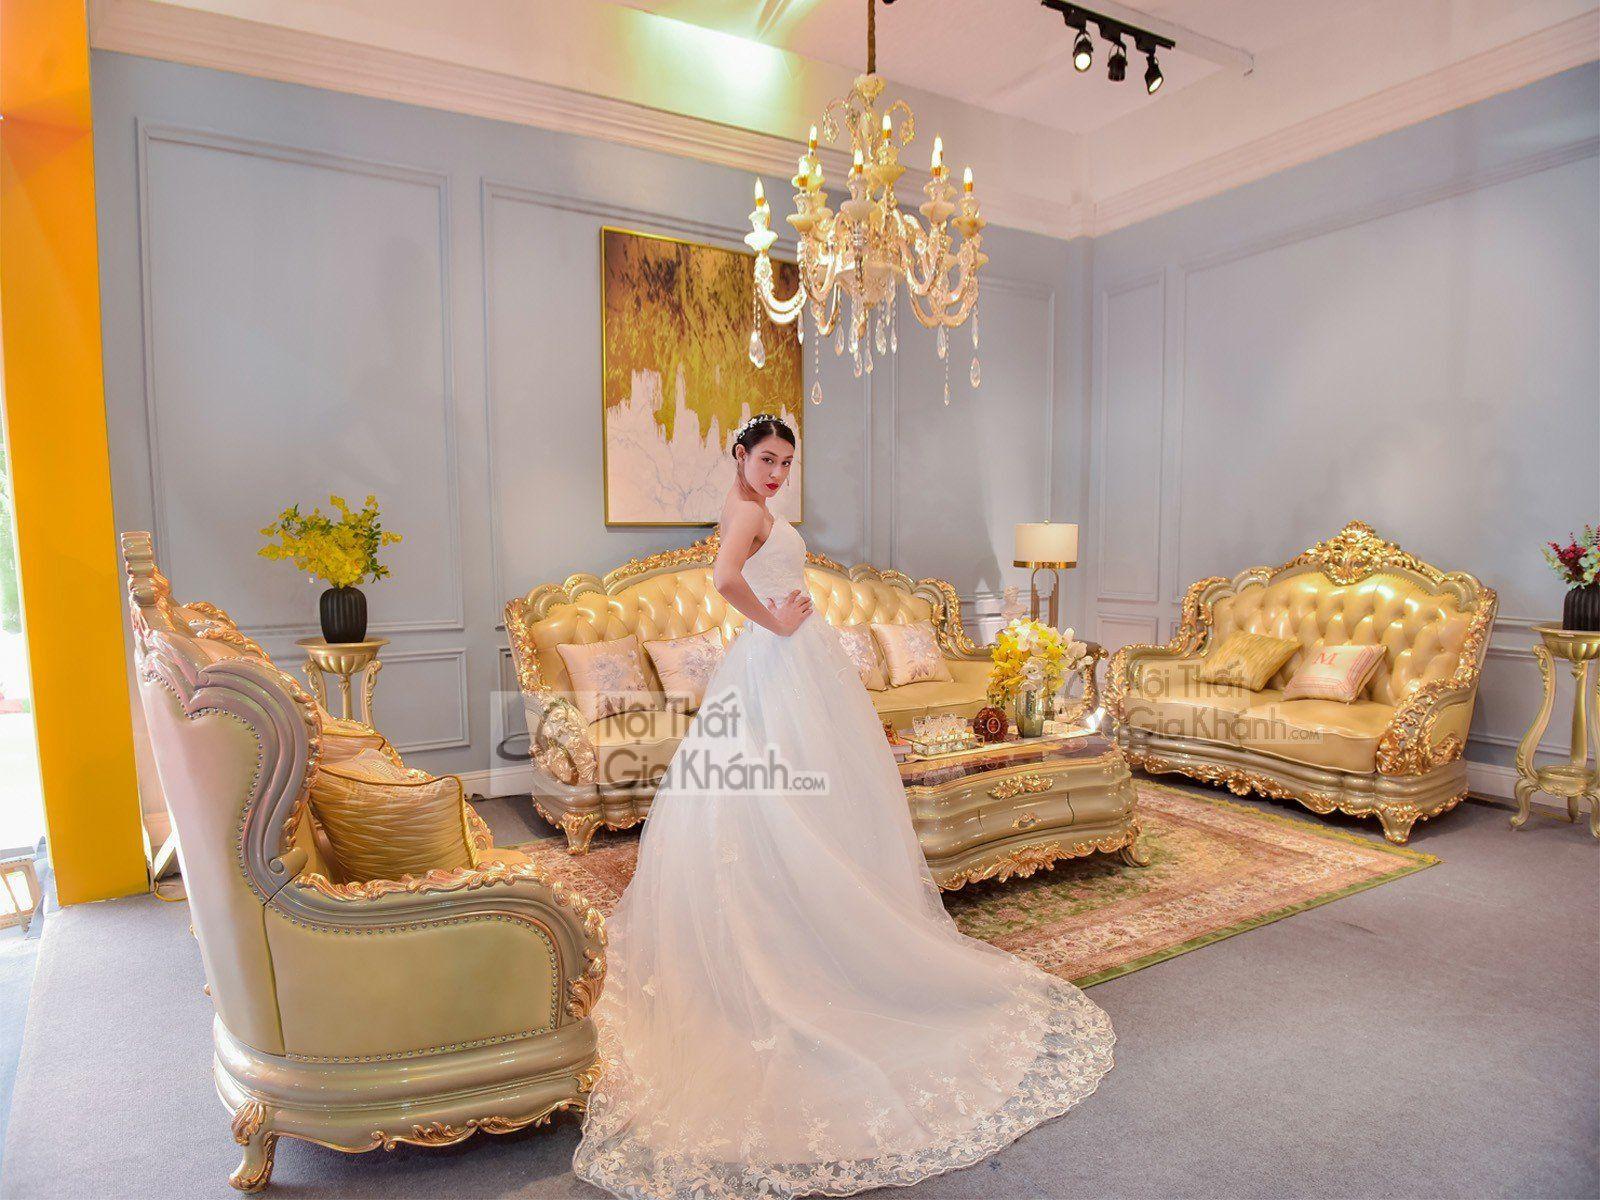 Bộ Sofa Tân cổ điển phong cách Hoàng Gia Pháp